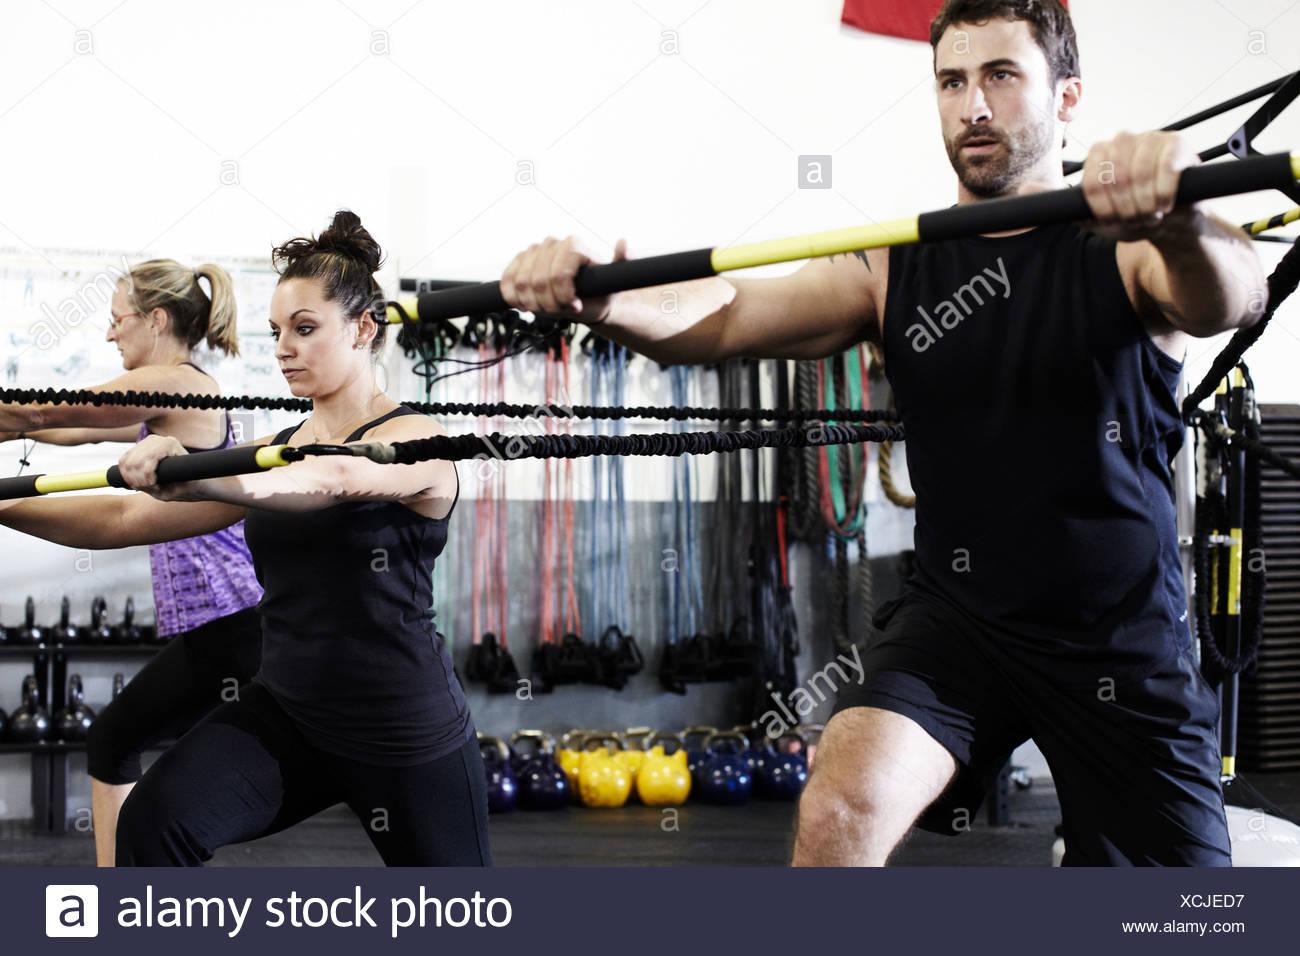 Persone che lavorano in palestra con esercizio bar e cavo di resistenza Immagini Stock